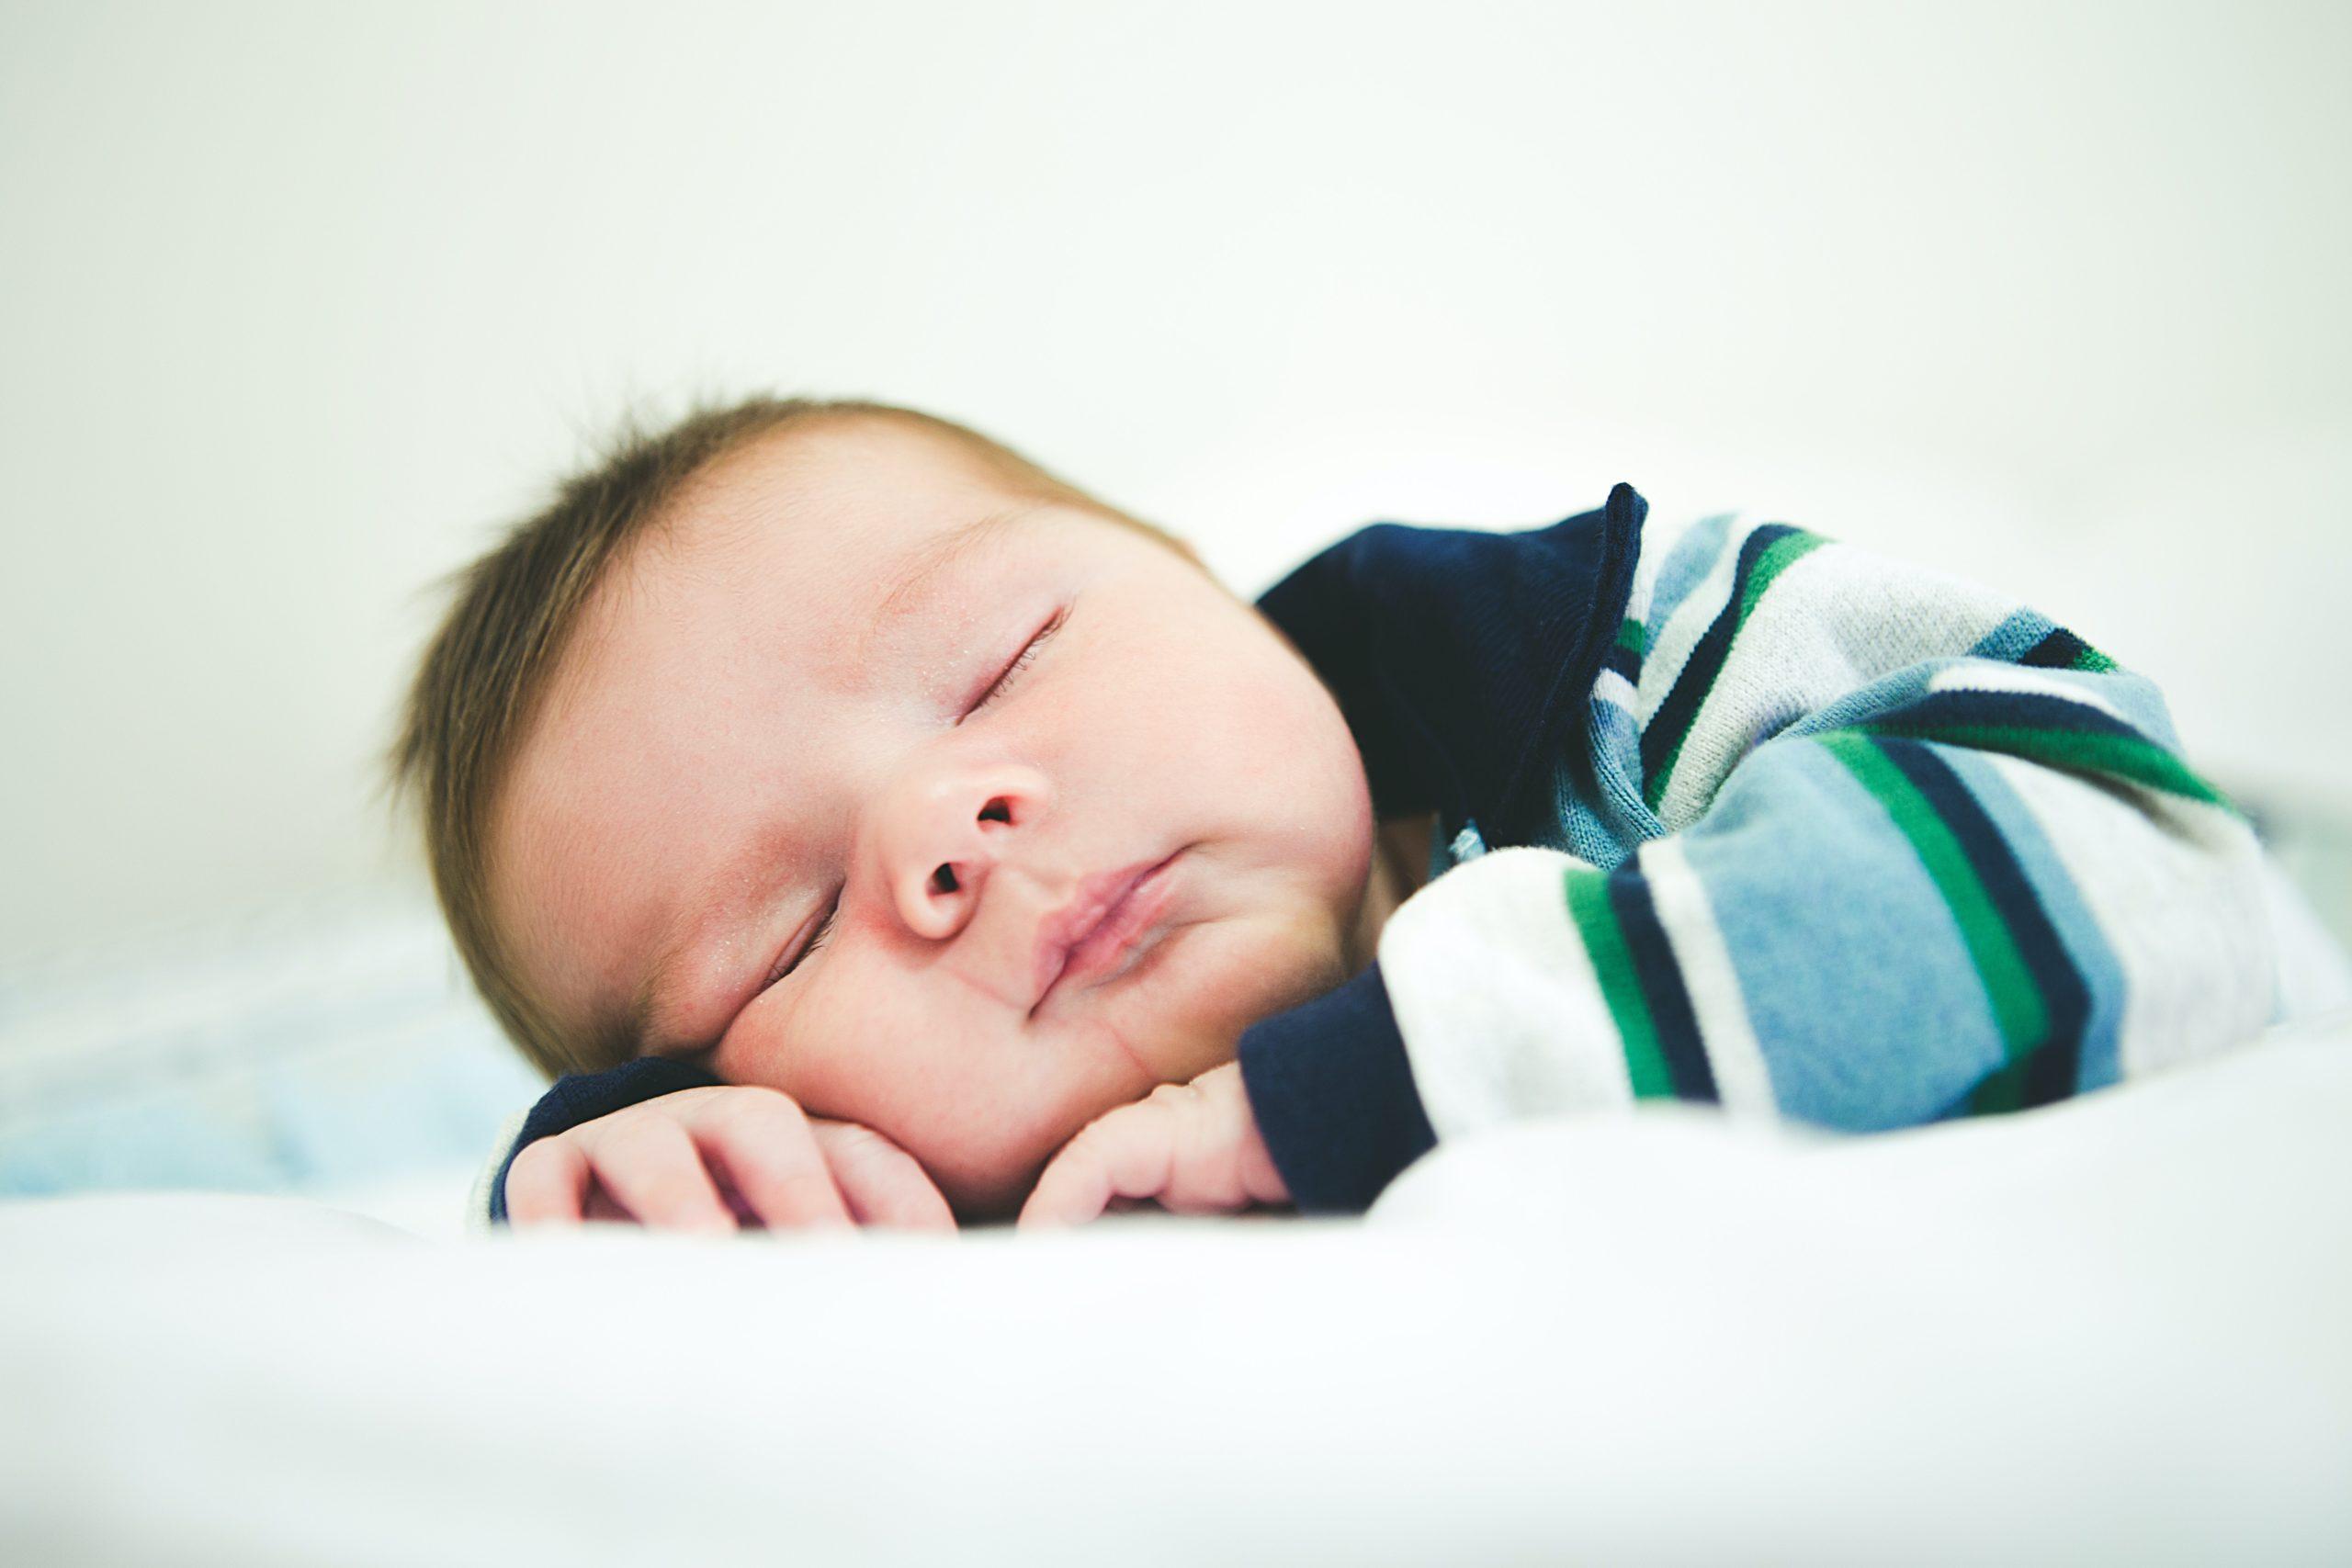 Settled baby sleeping